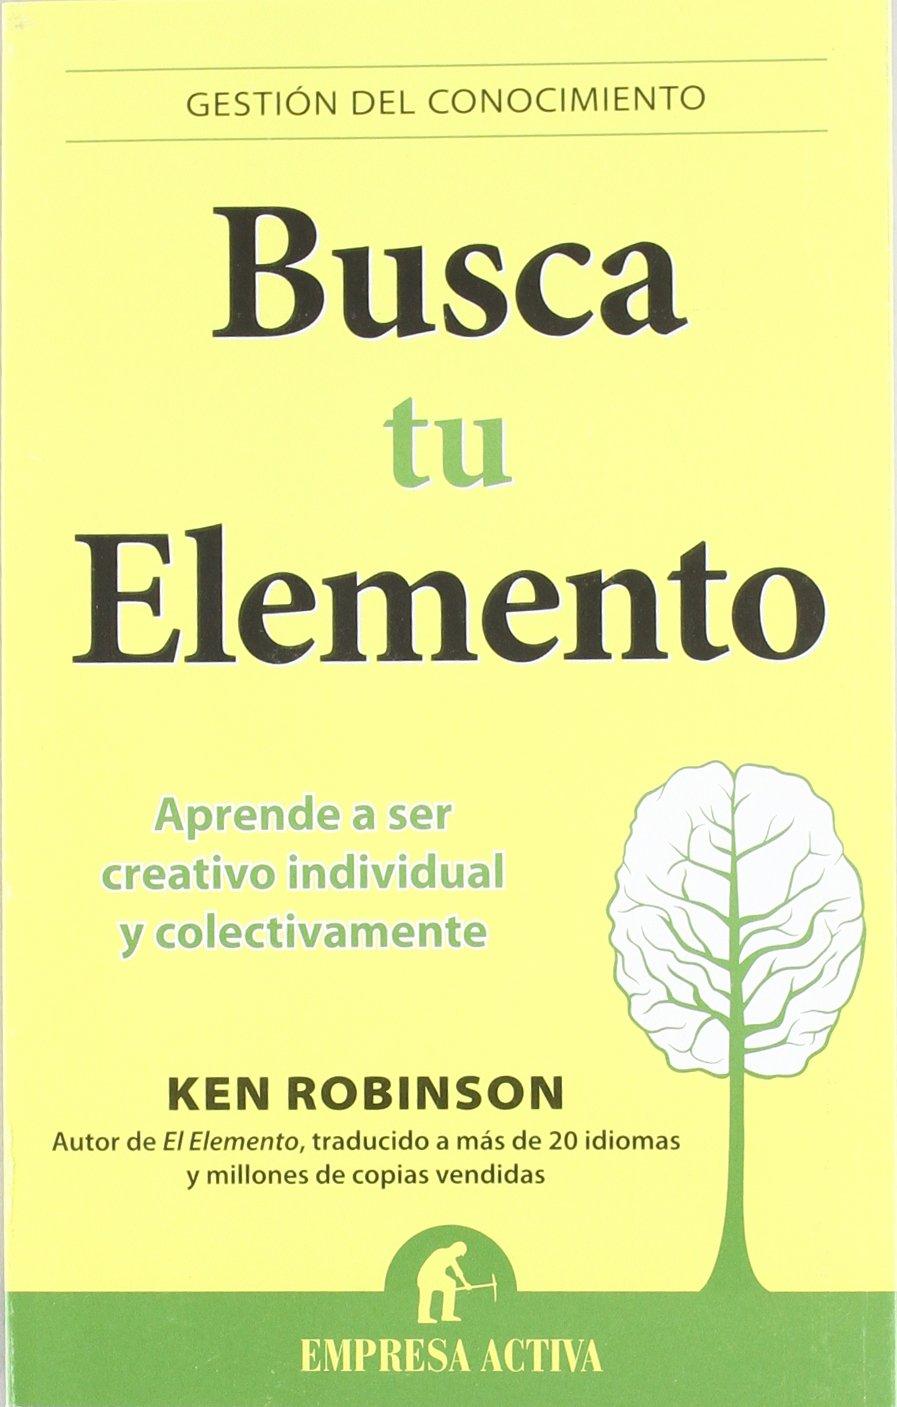 Busca tu elemento: Aprende a ser creativo individual y colectivamente  Gestión del conocimiento: Amazon.es: Ken Robinson: Libros